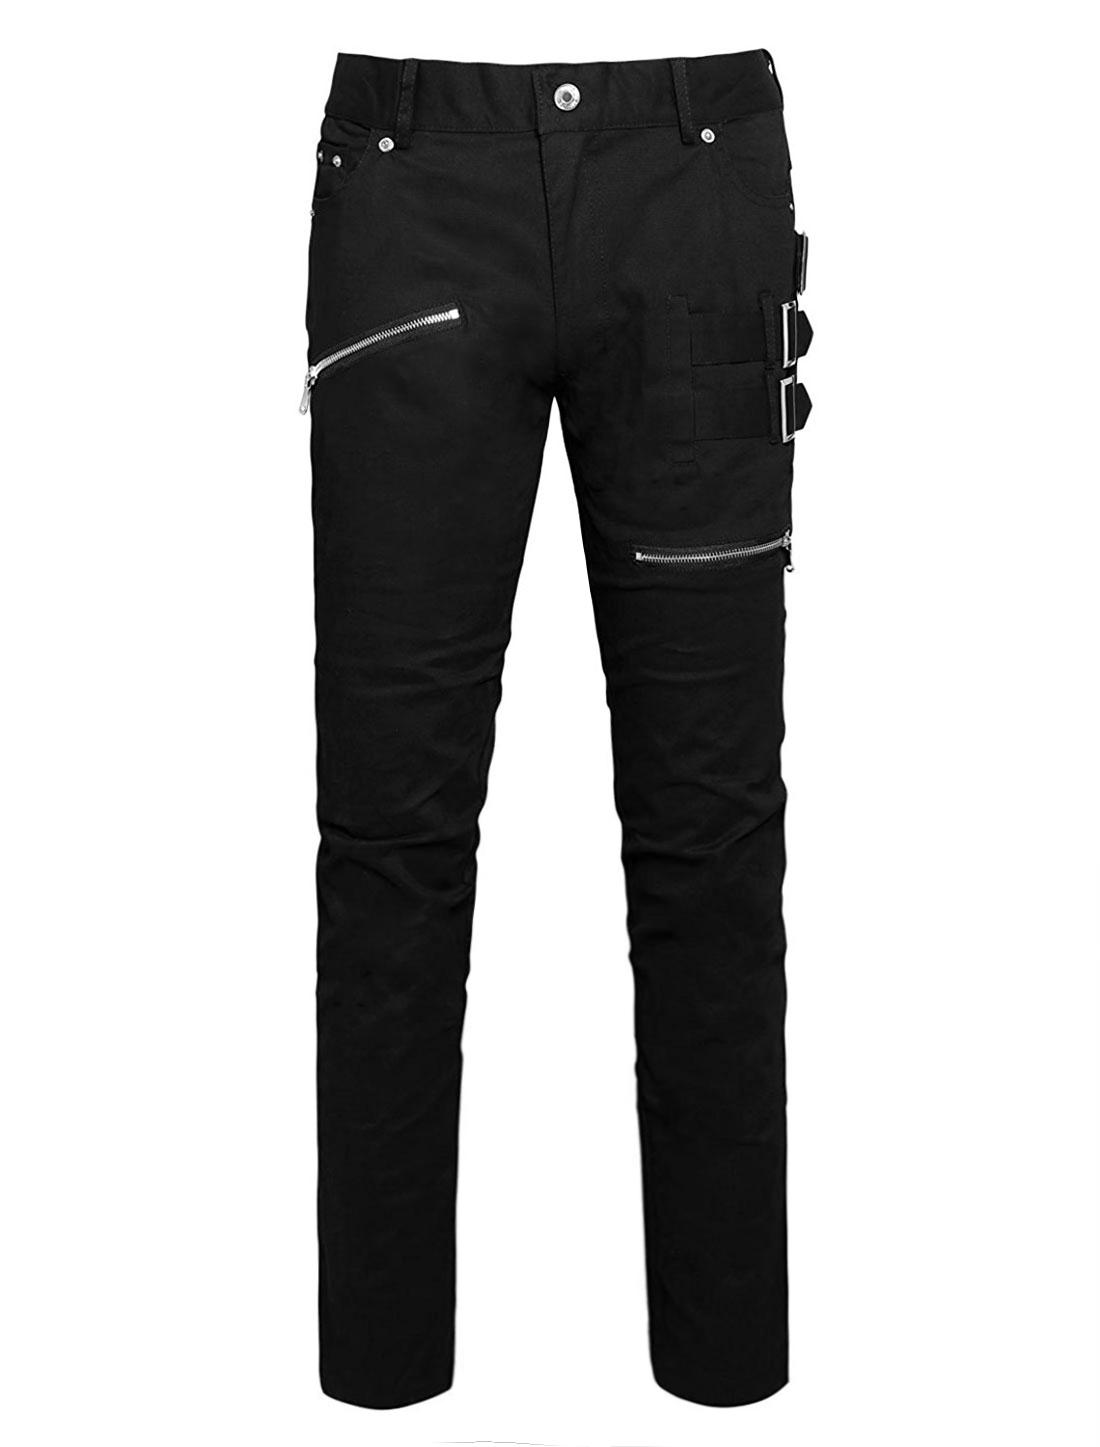 Men Casual Slim Fit Pockets Patch Buckle Zipper Gothic Punk Rock Pants Black XS